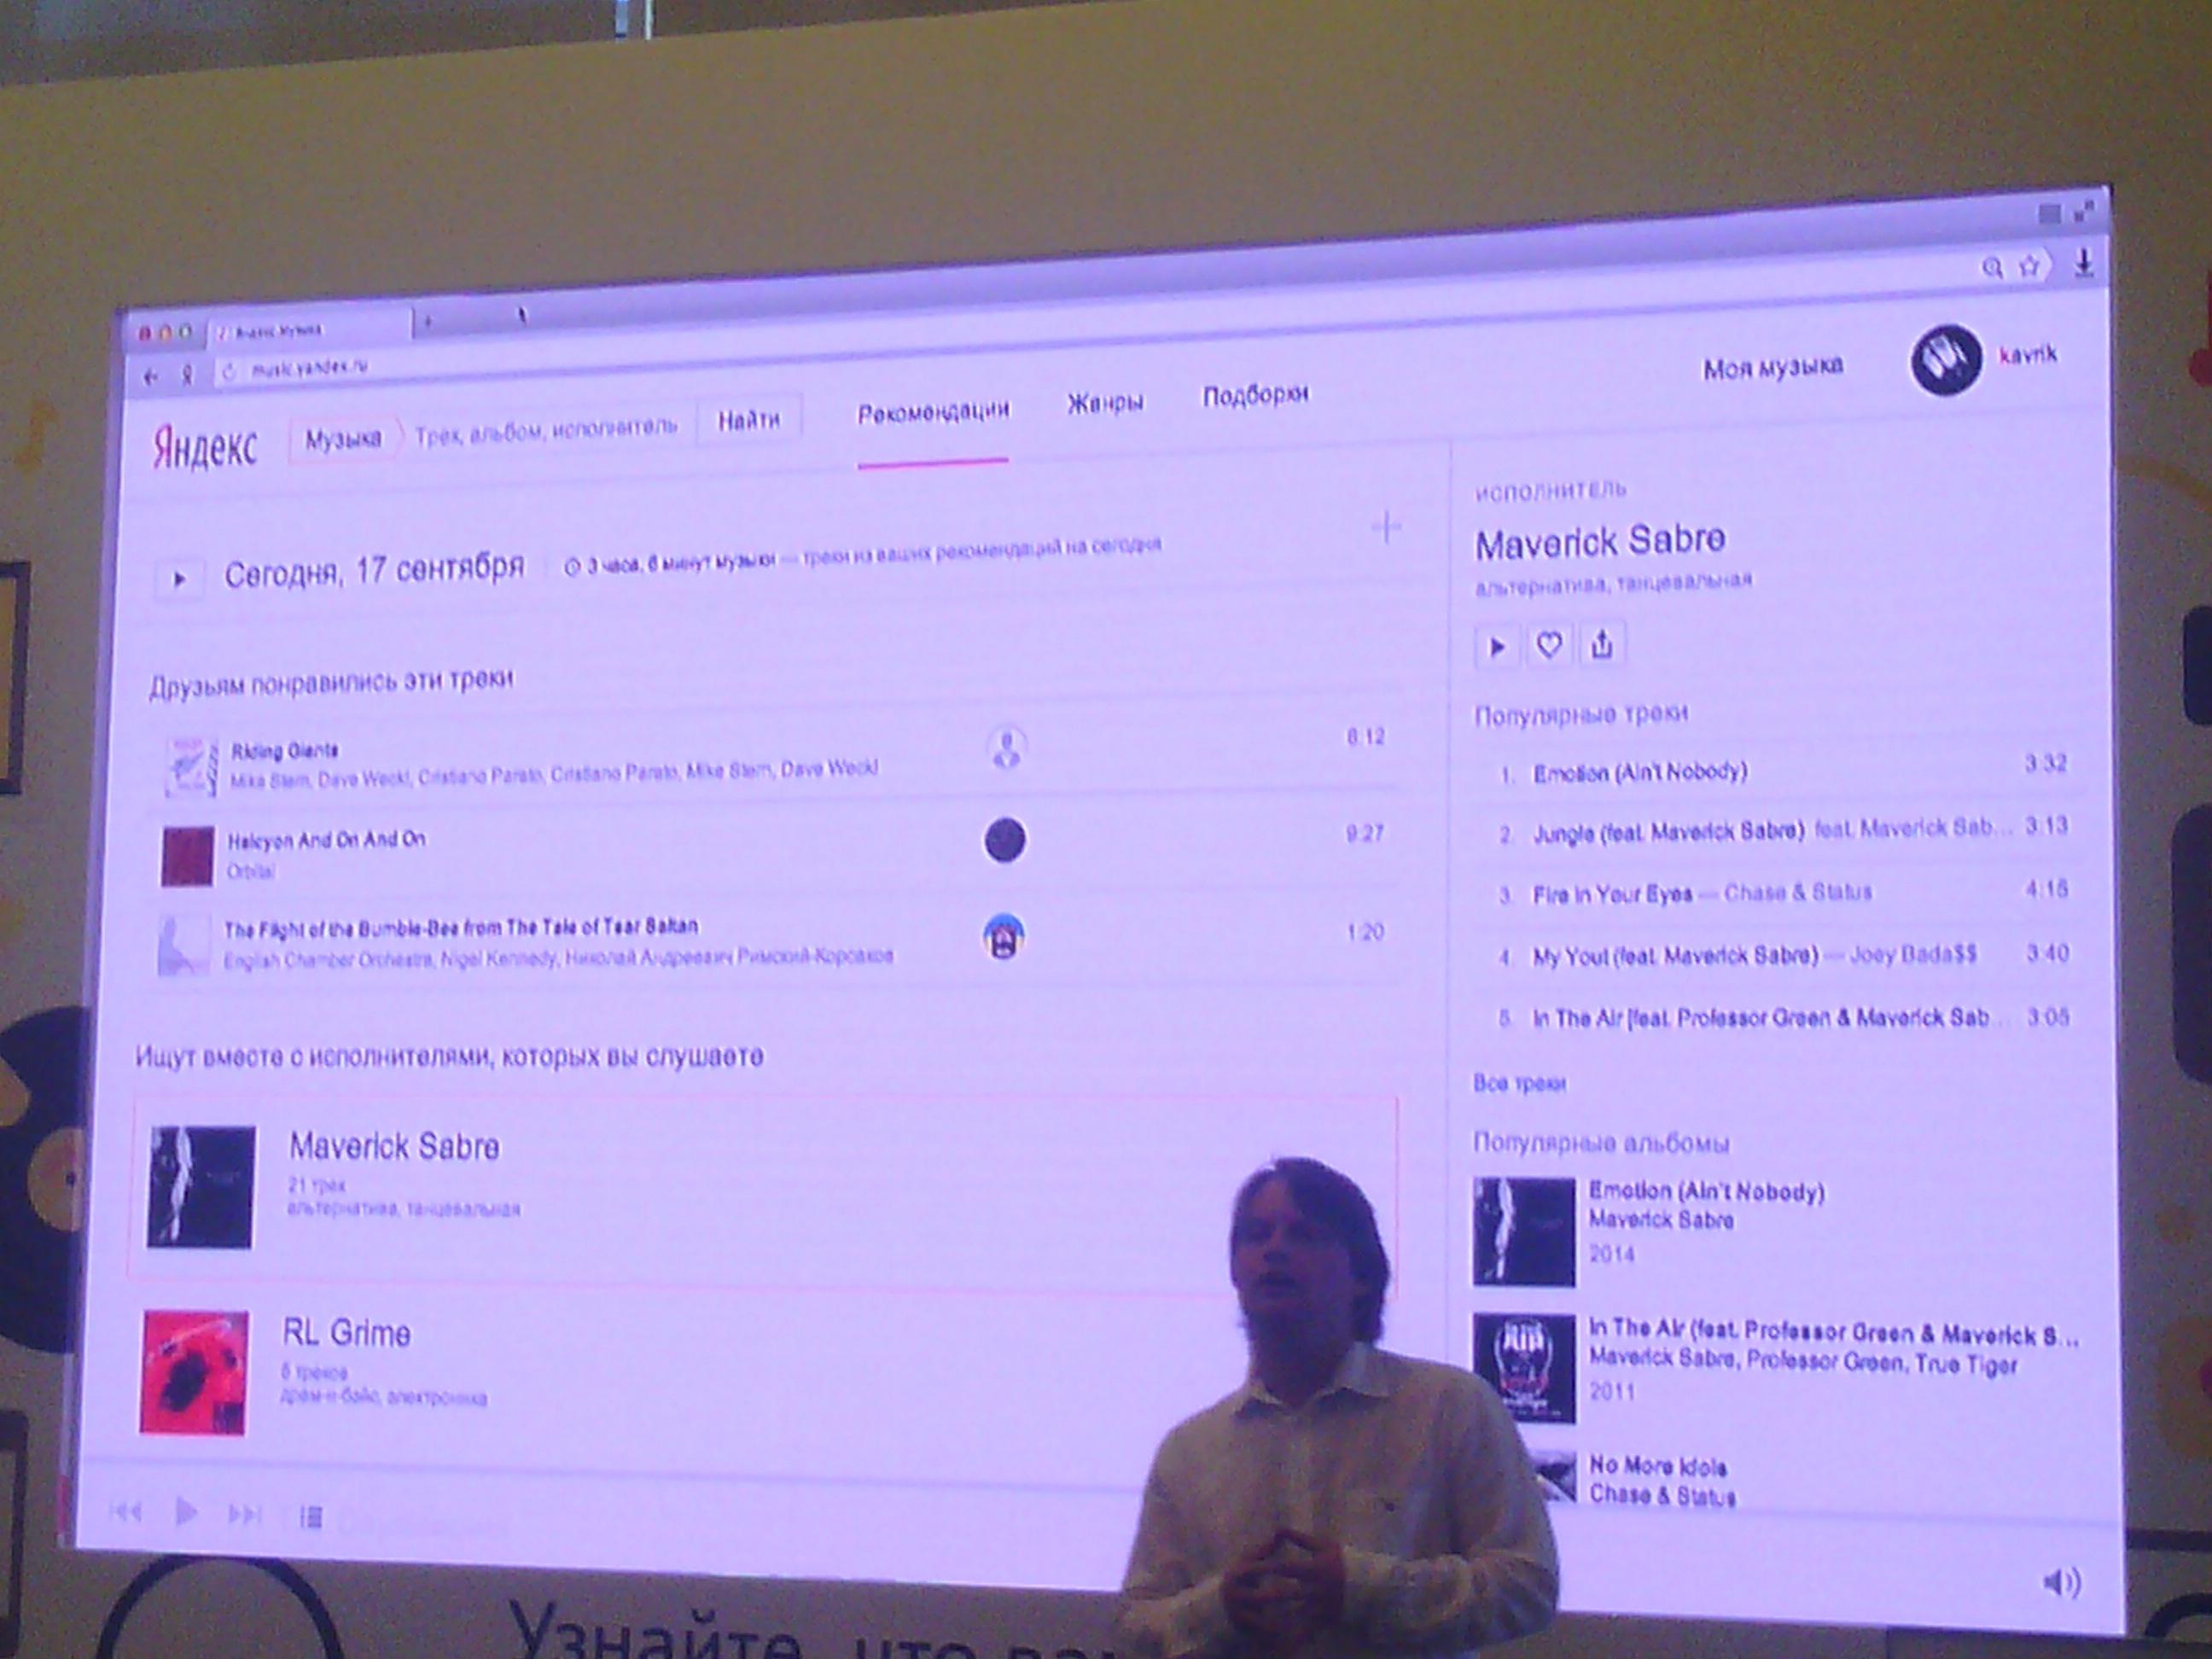 Слушай друзей: как «Яндекс.Музыка» обновилась за счет LastFM и Долгина